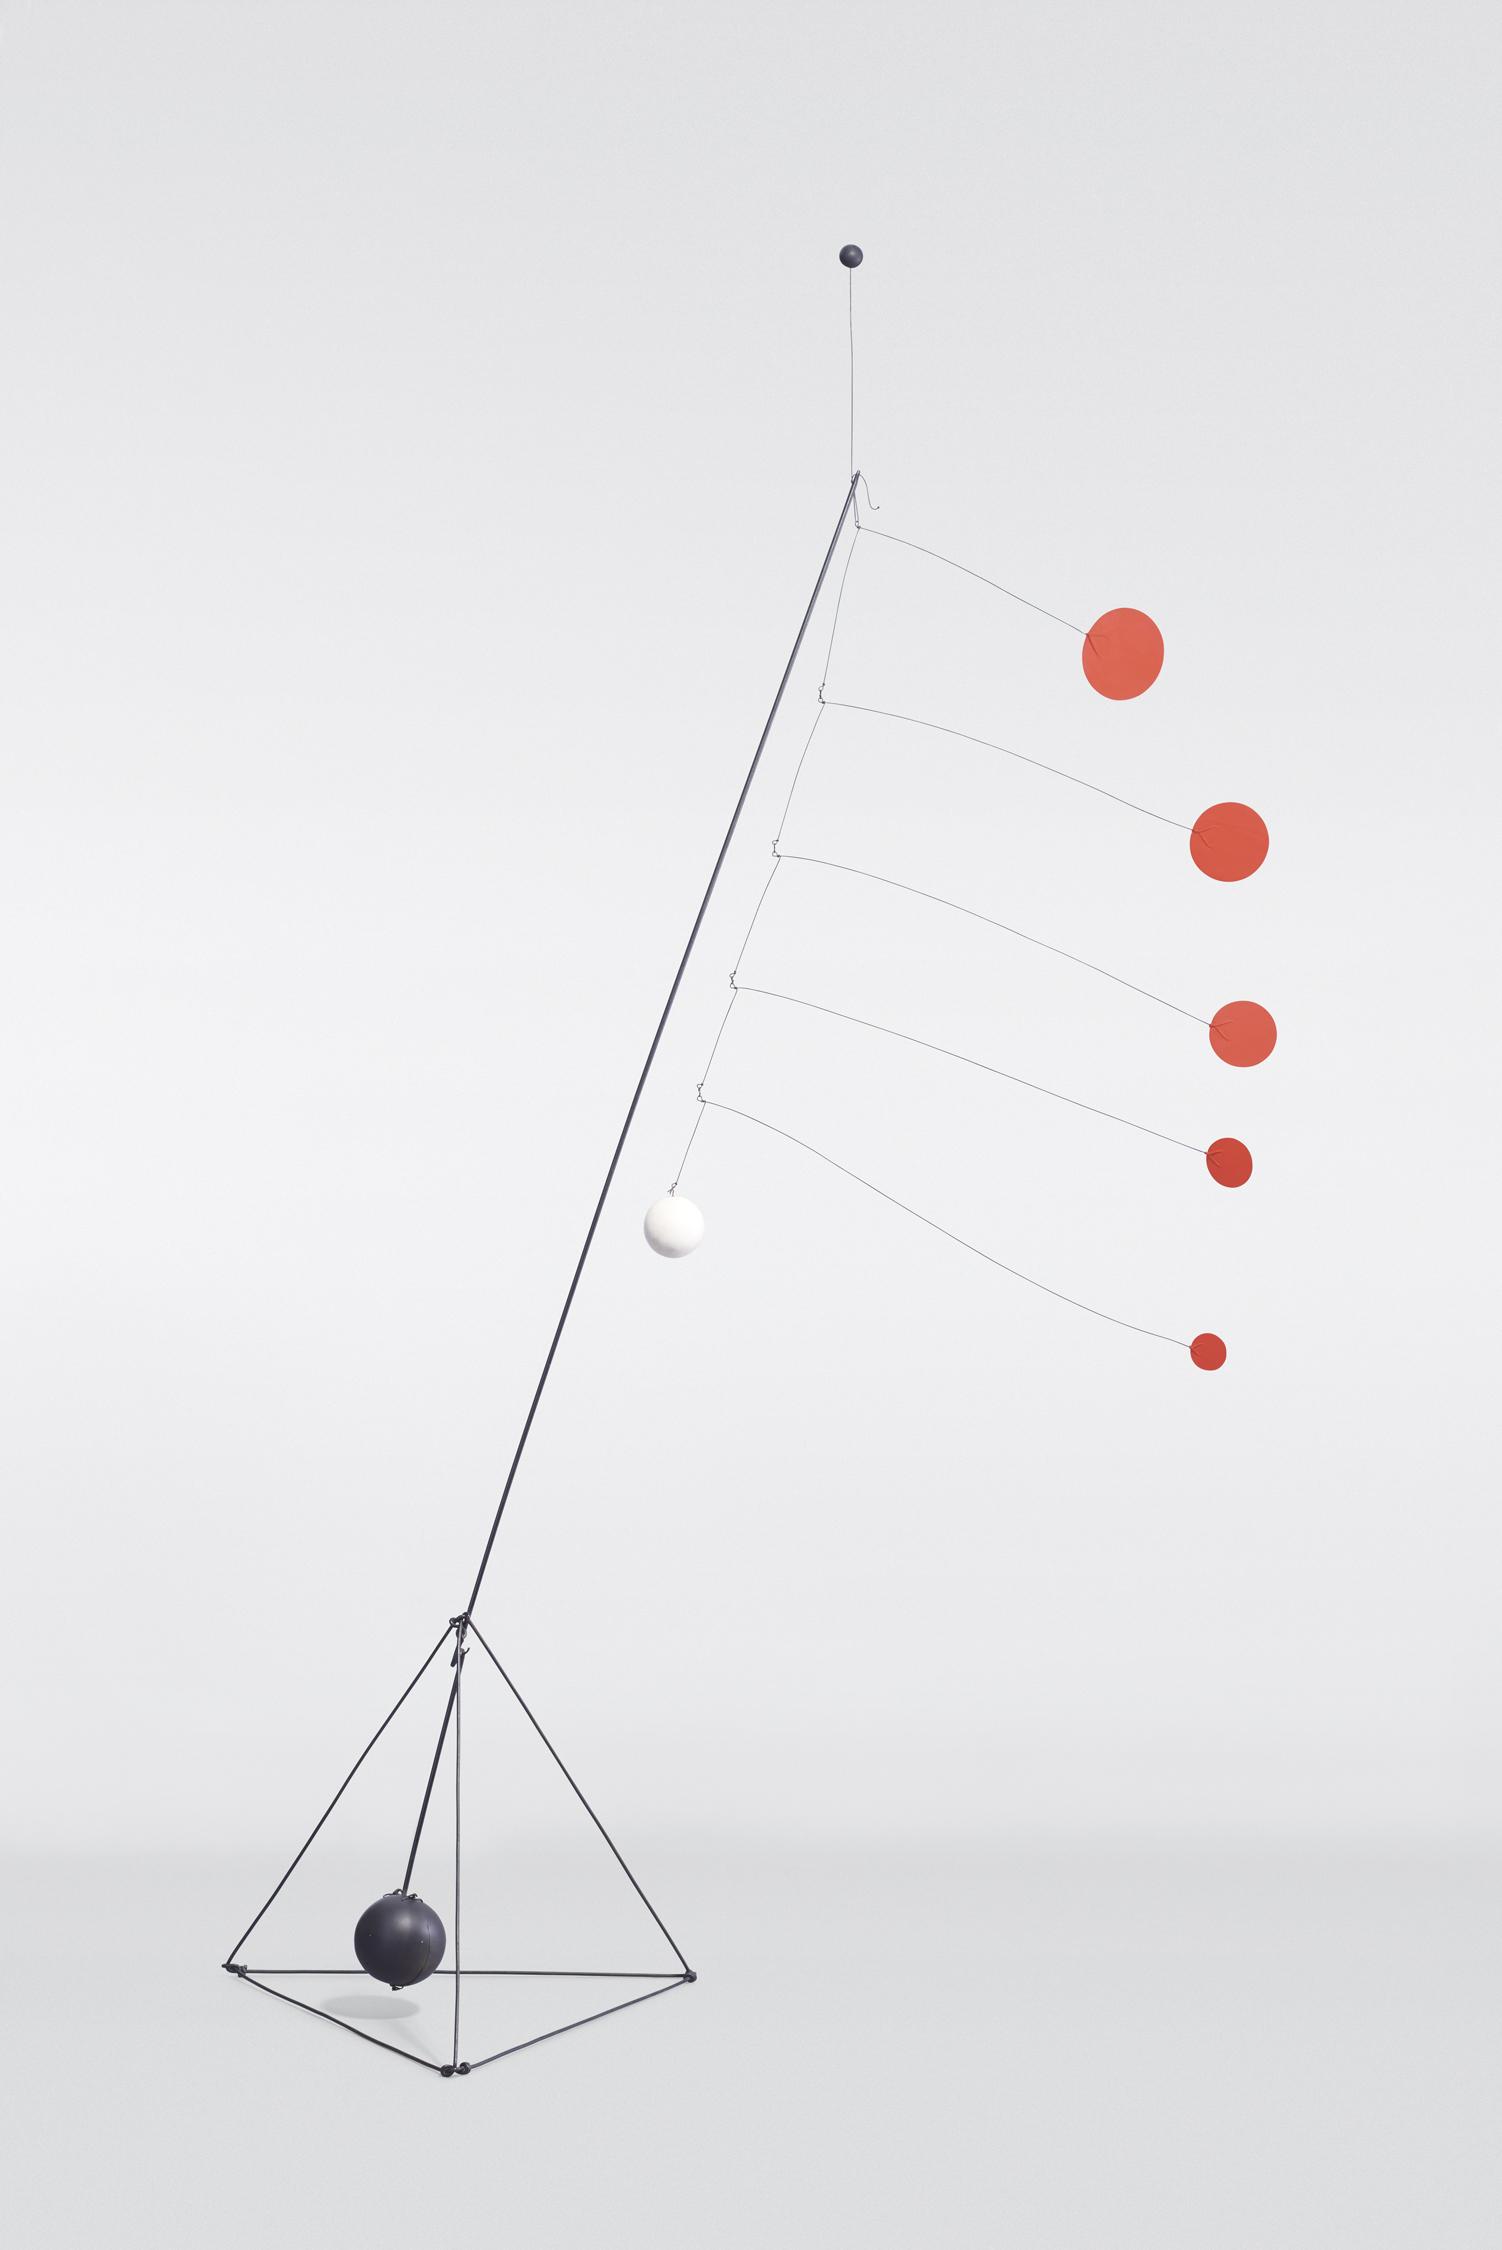 Calder_Object_Red_Discs_Sequence_021_BEAUTY_SHOT_final.jpg